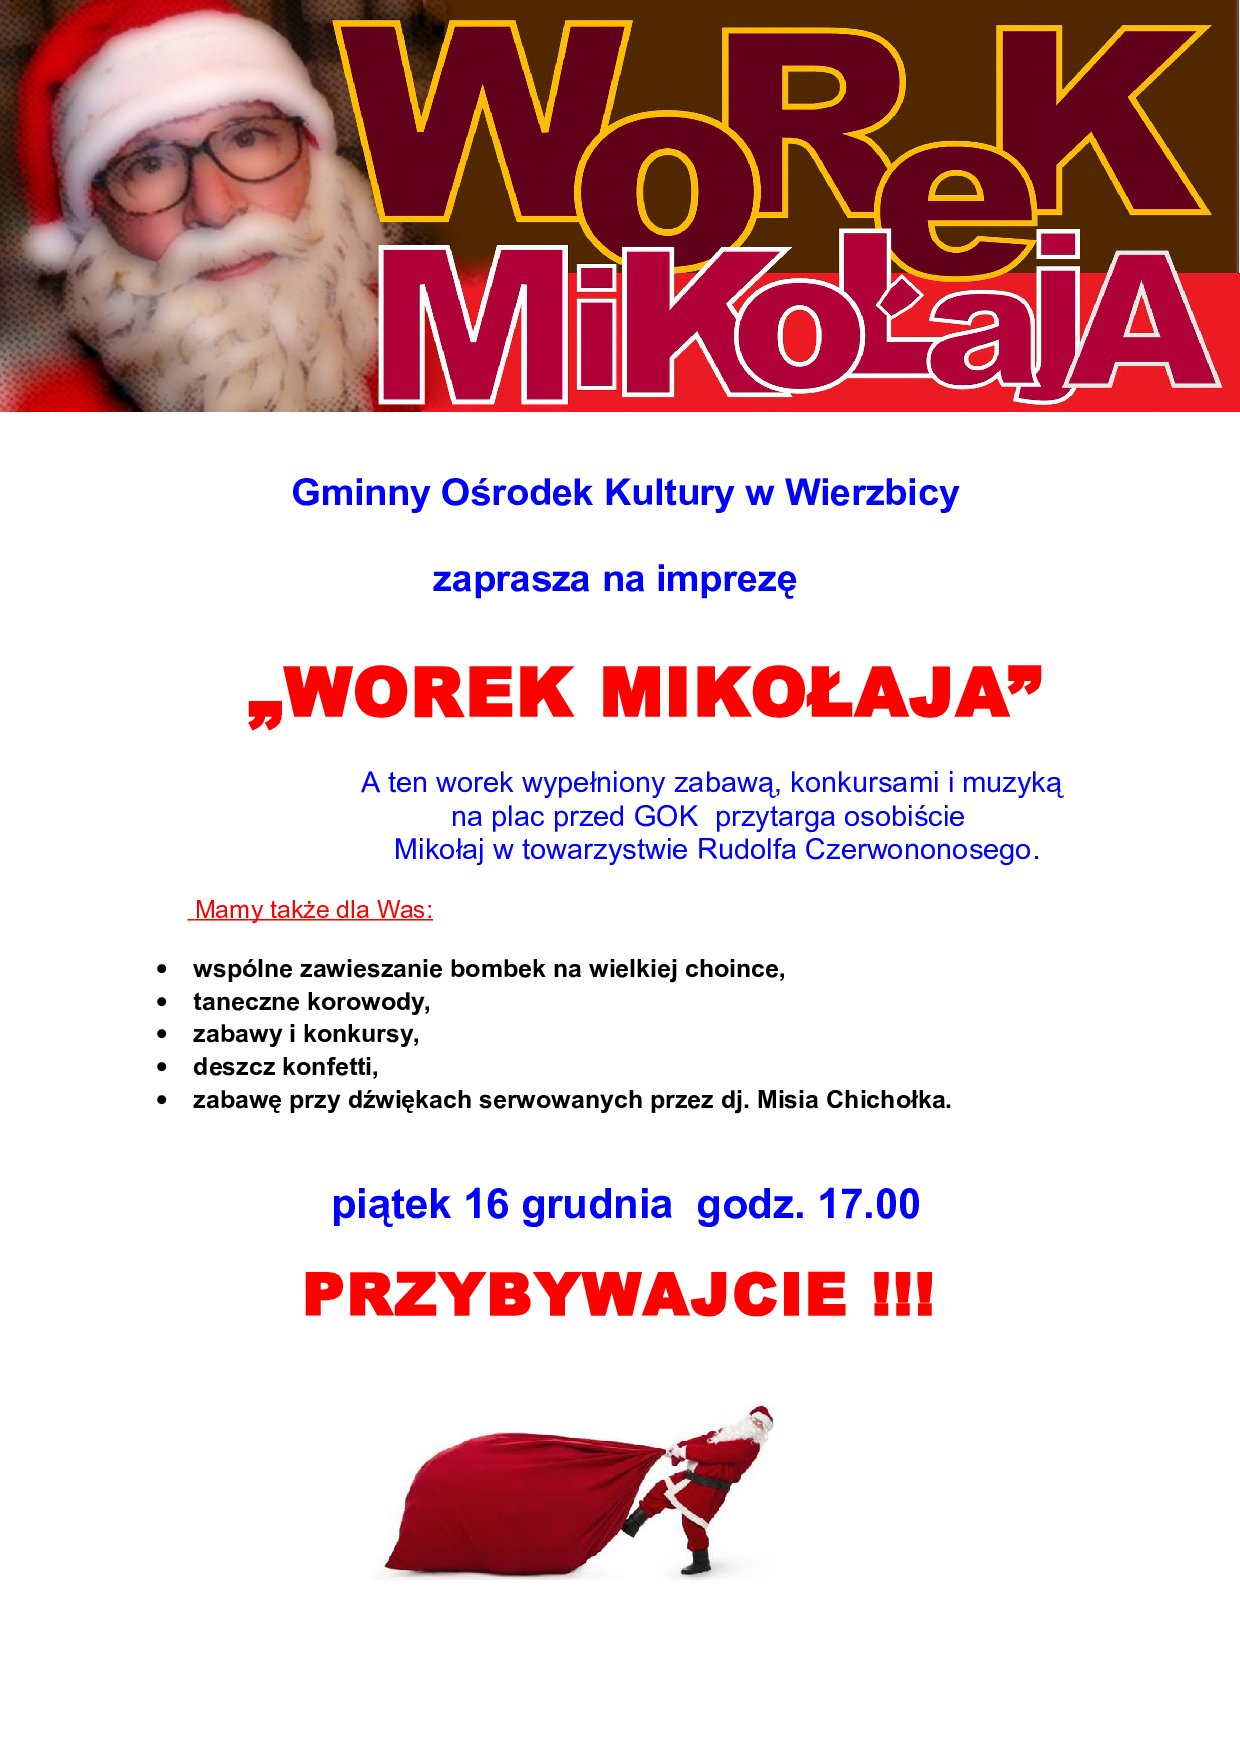 WOREK_MIKOŁAJA_